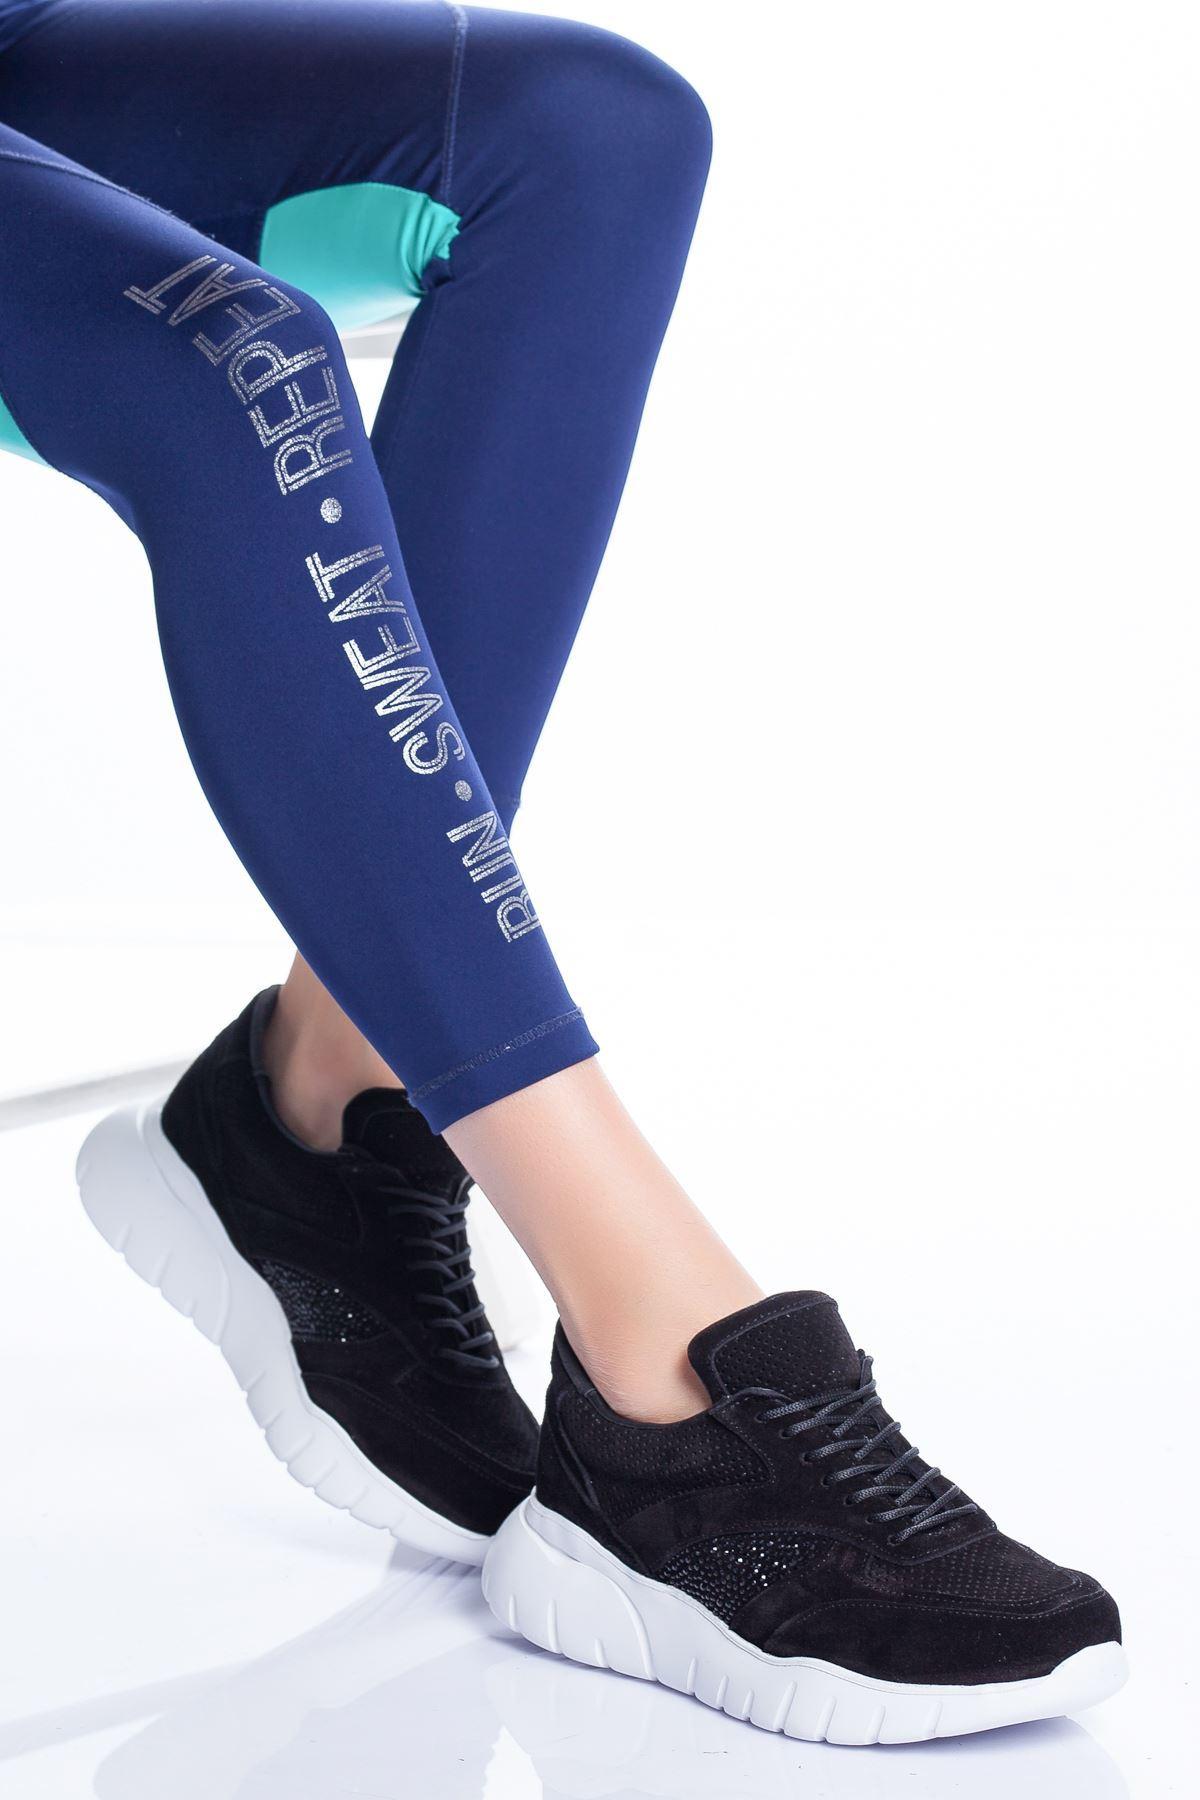 Lole Spor Ayakkabı SİYAH SÜET